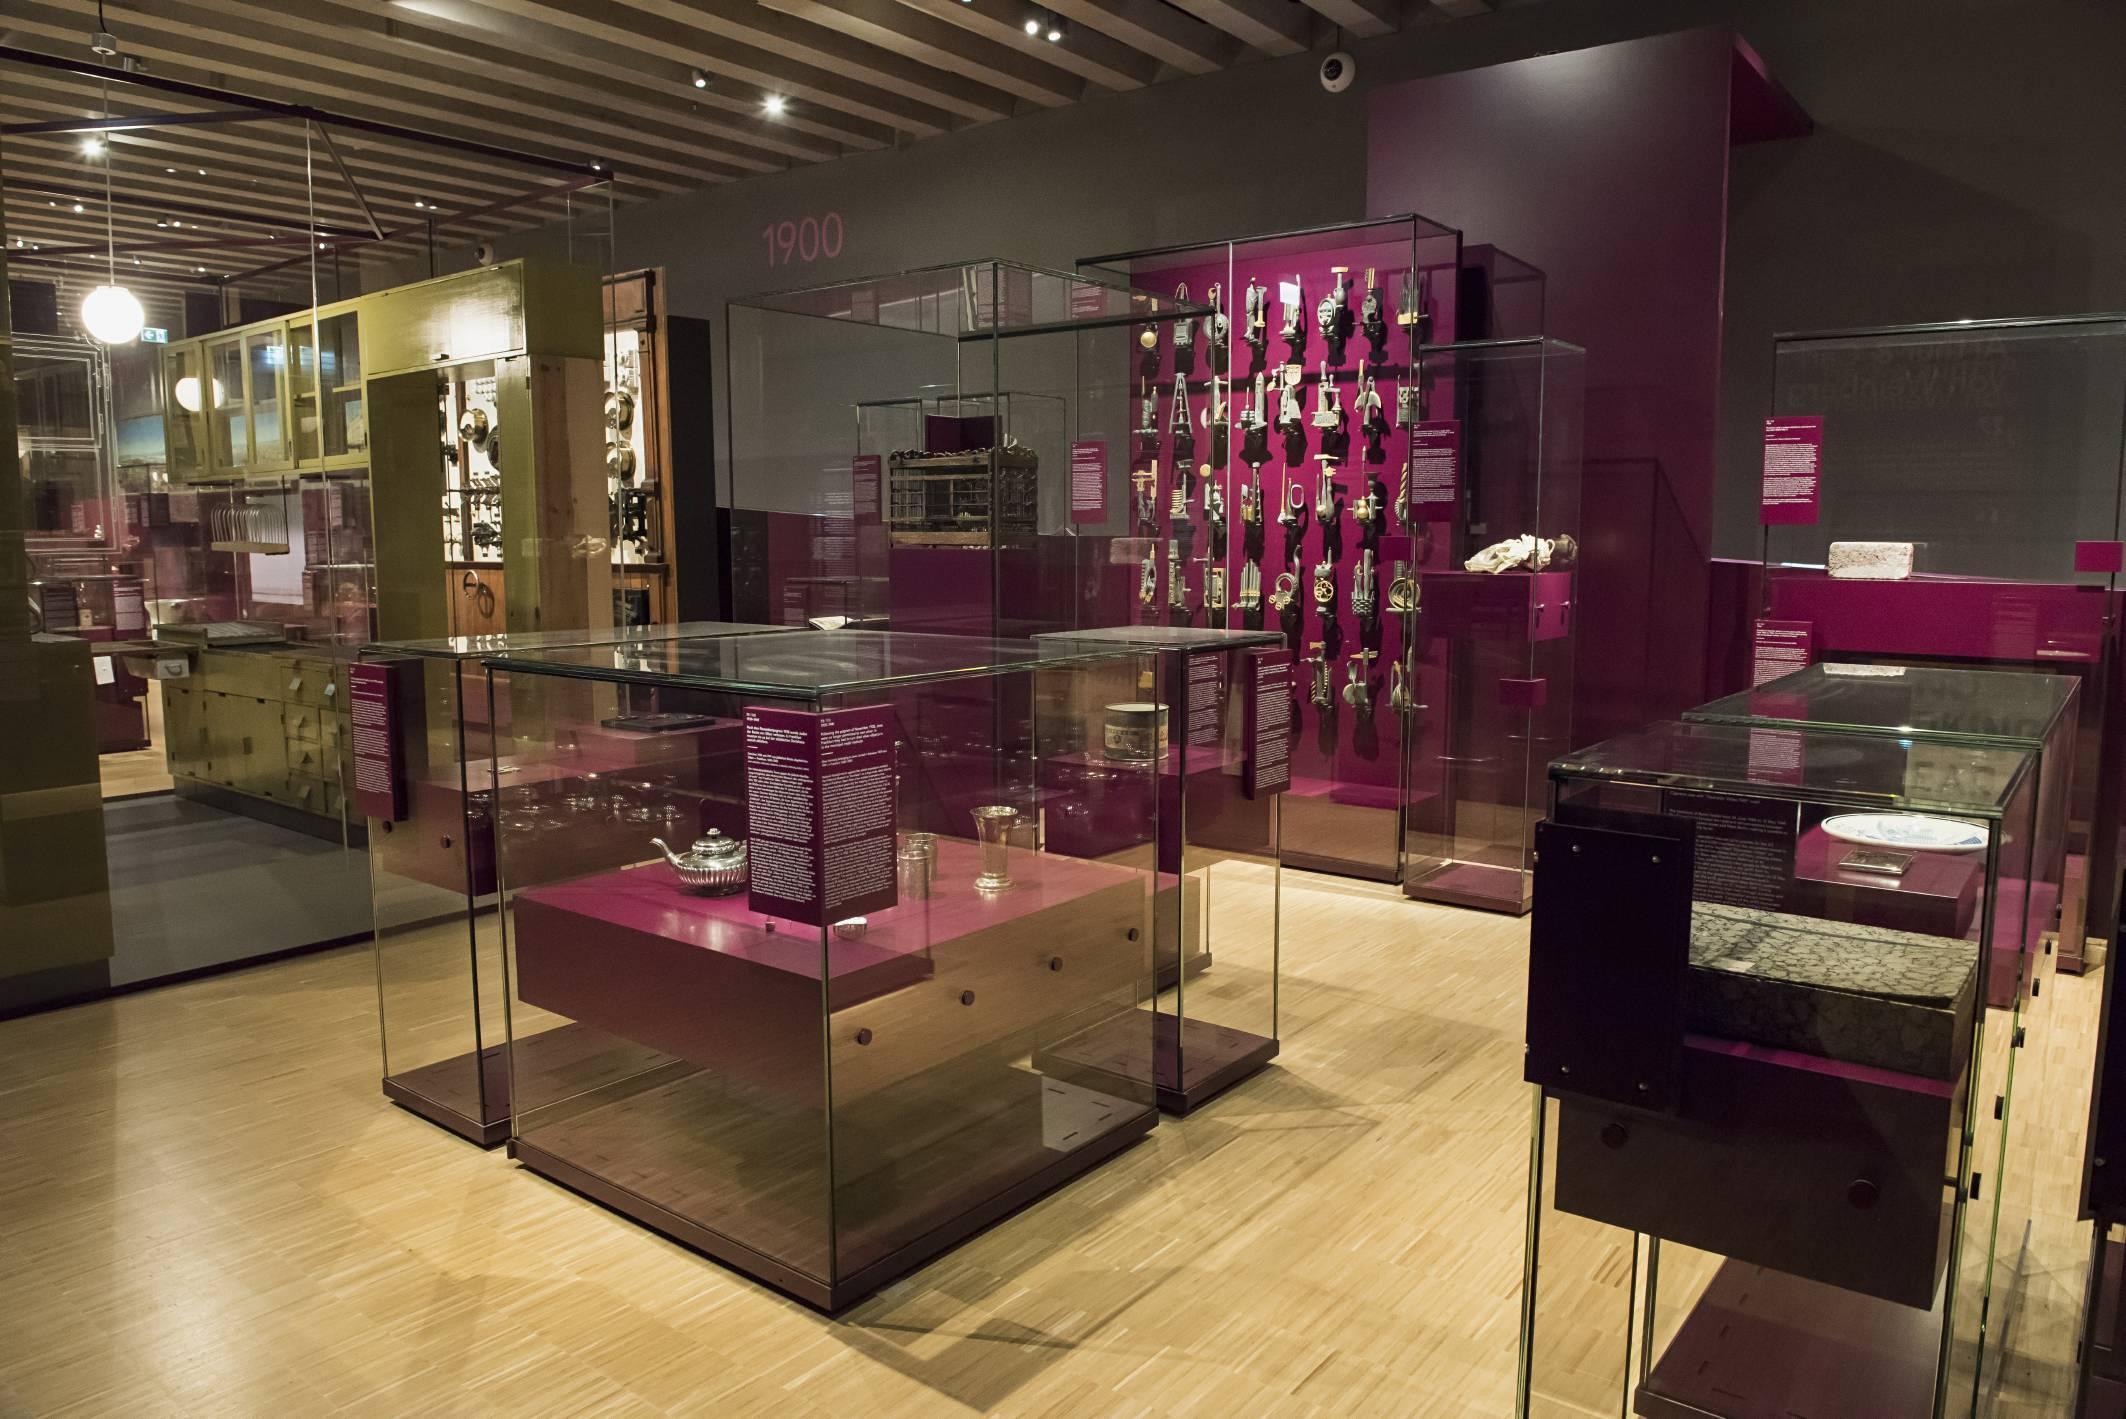 Blick in den Ausstellungsteil 100 x Frankfurt im Historischen Museum